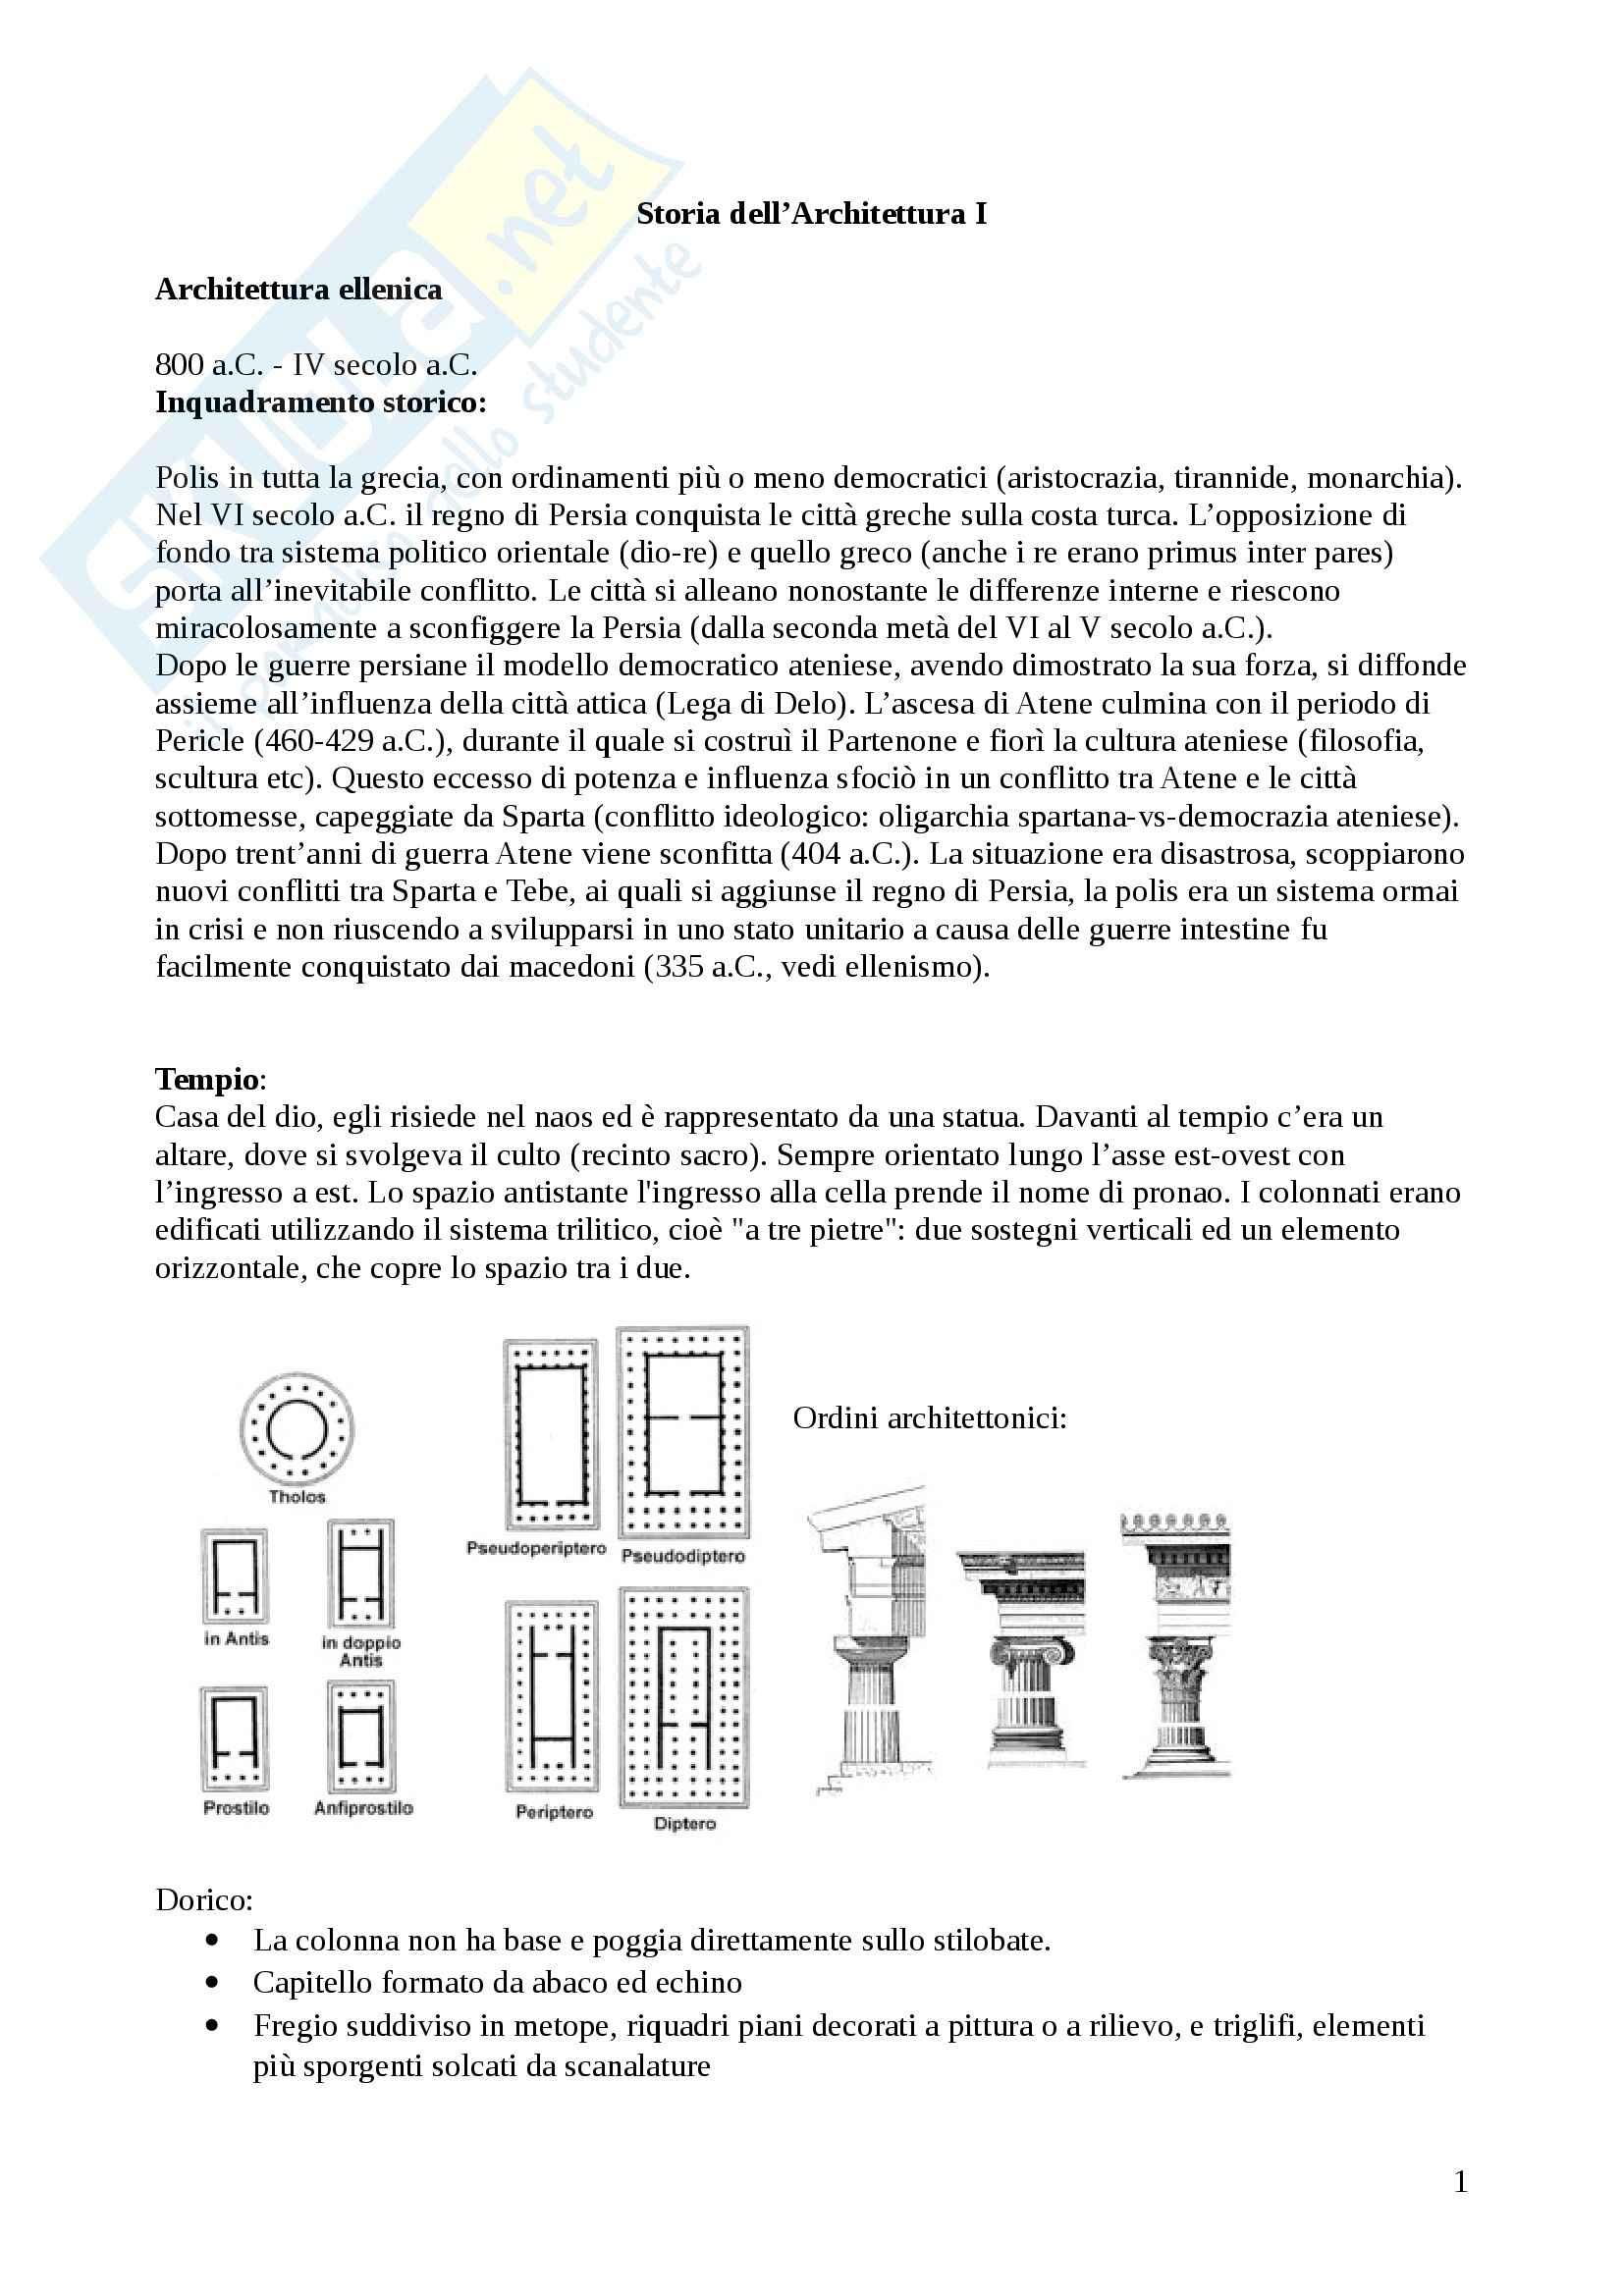 appunto R. Pacciani Storia dell'architettura 1